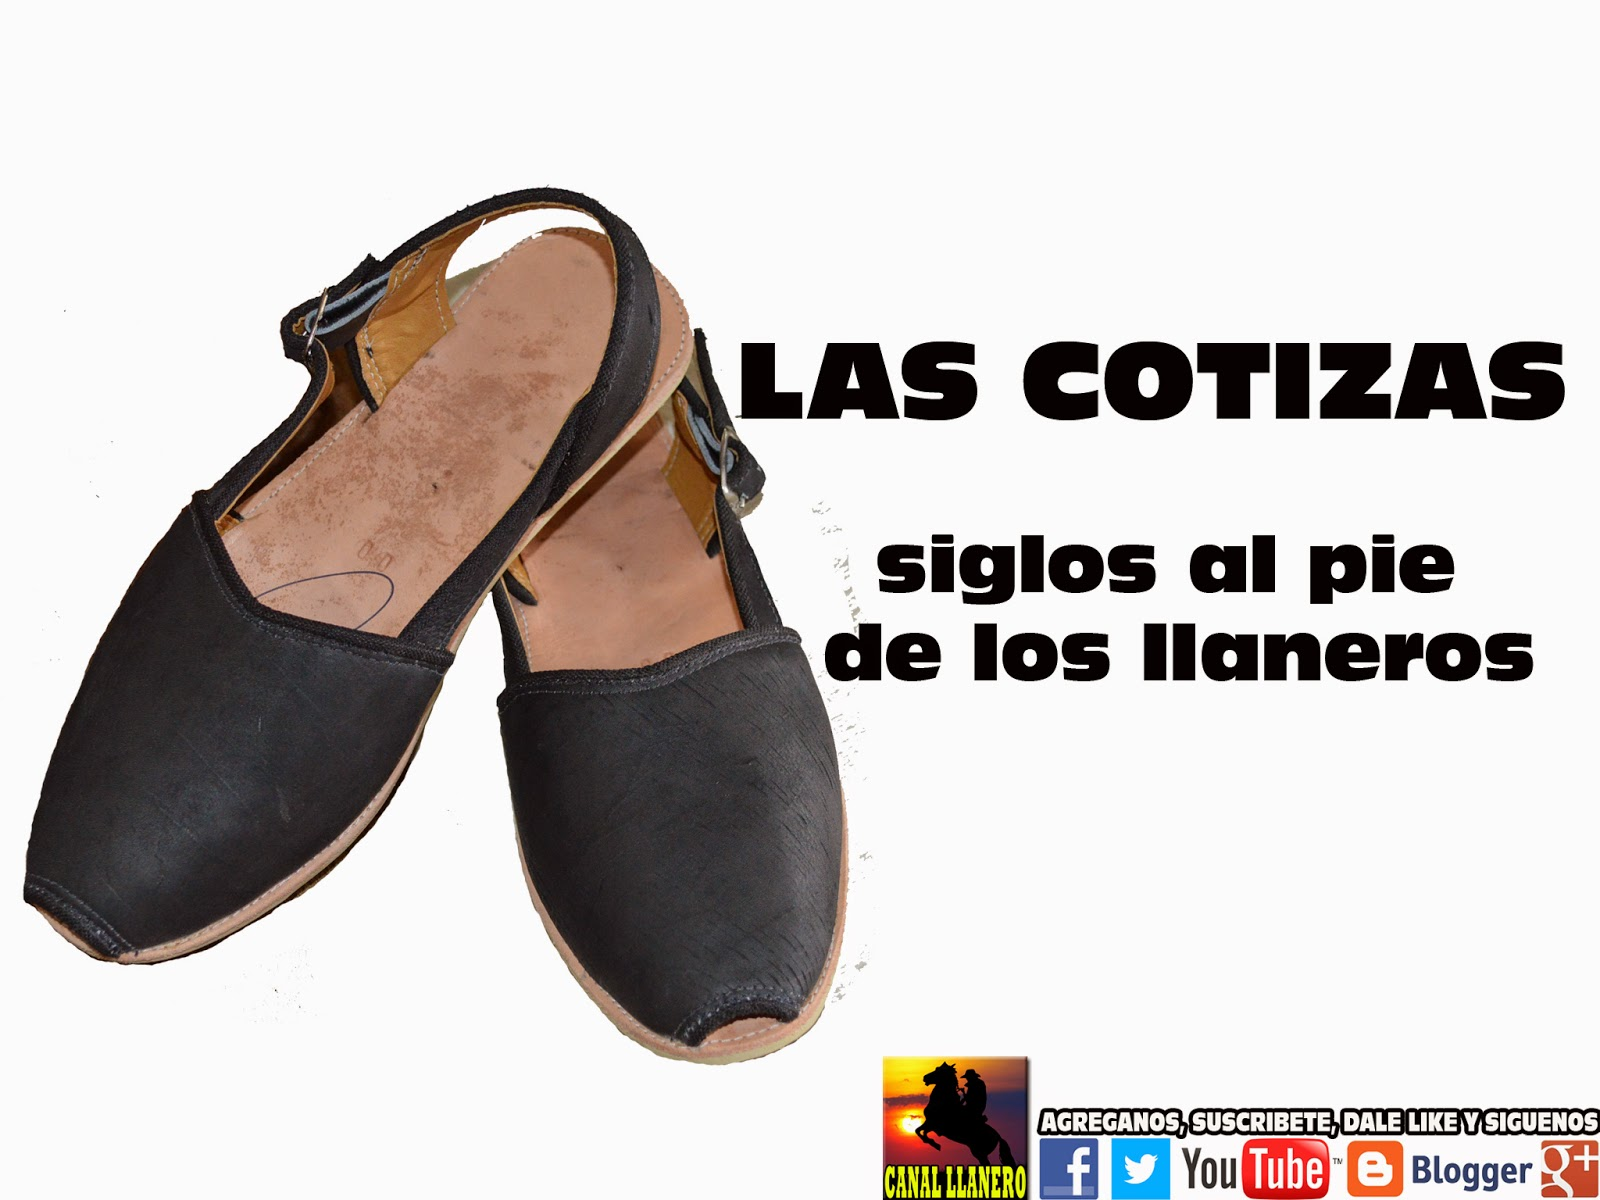 Par abordar el tema de nuestro calzado tradicional llanero, iniciamos diciendo que las alpargatas que usaban los campesinos de la región andina fueron